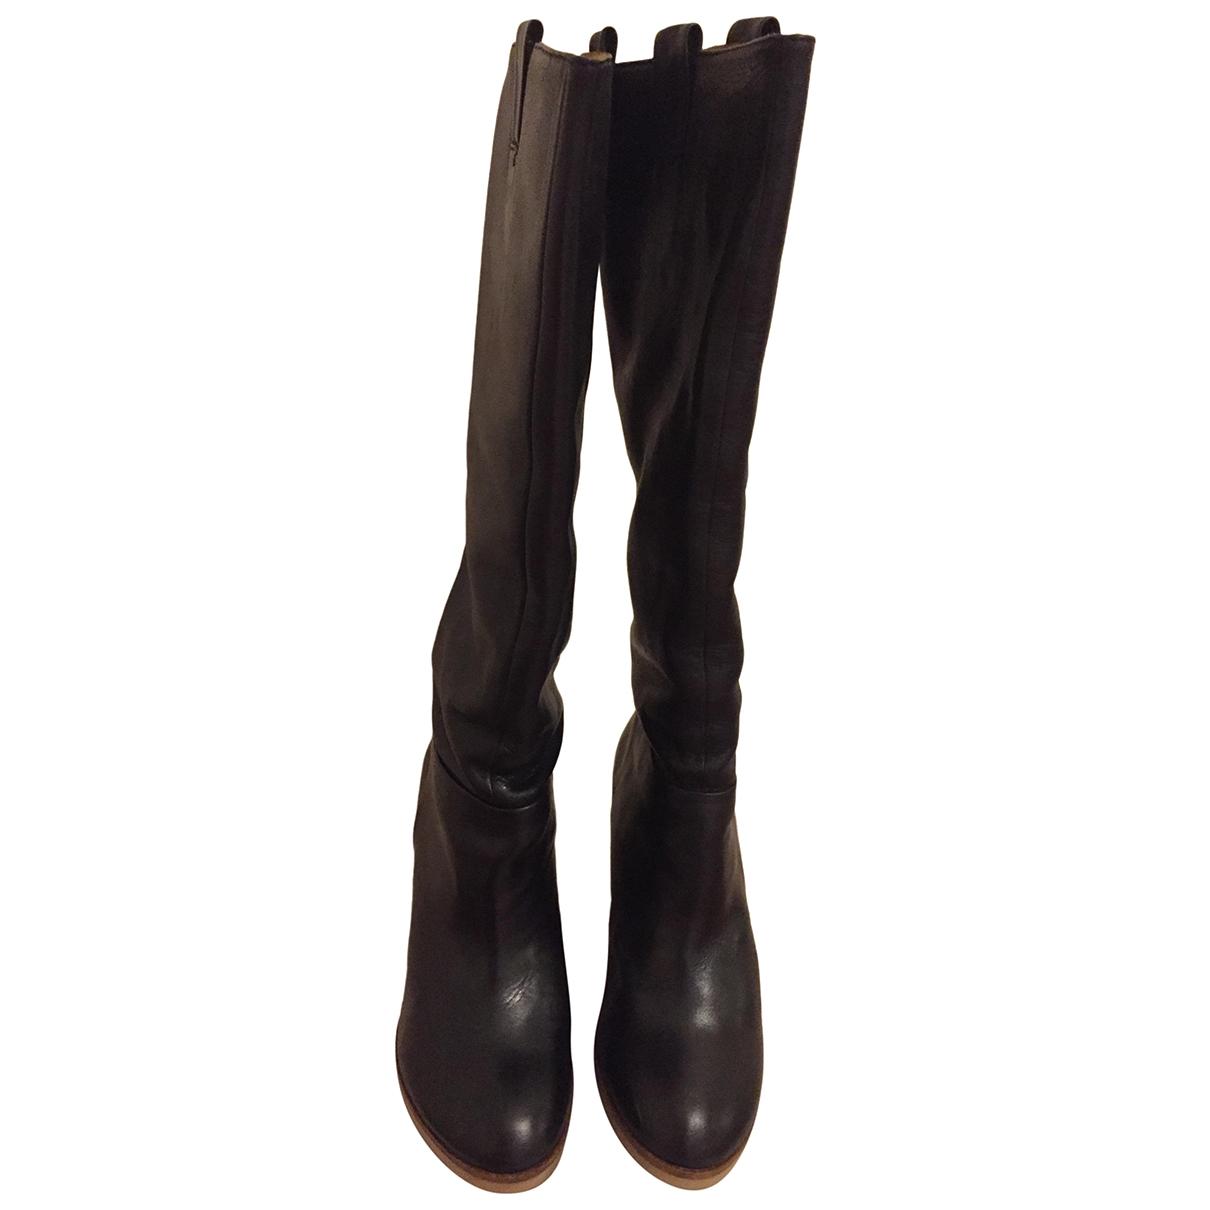 Botas de Cuero Zara